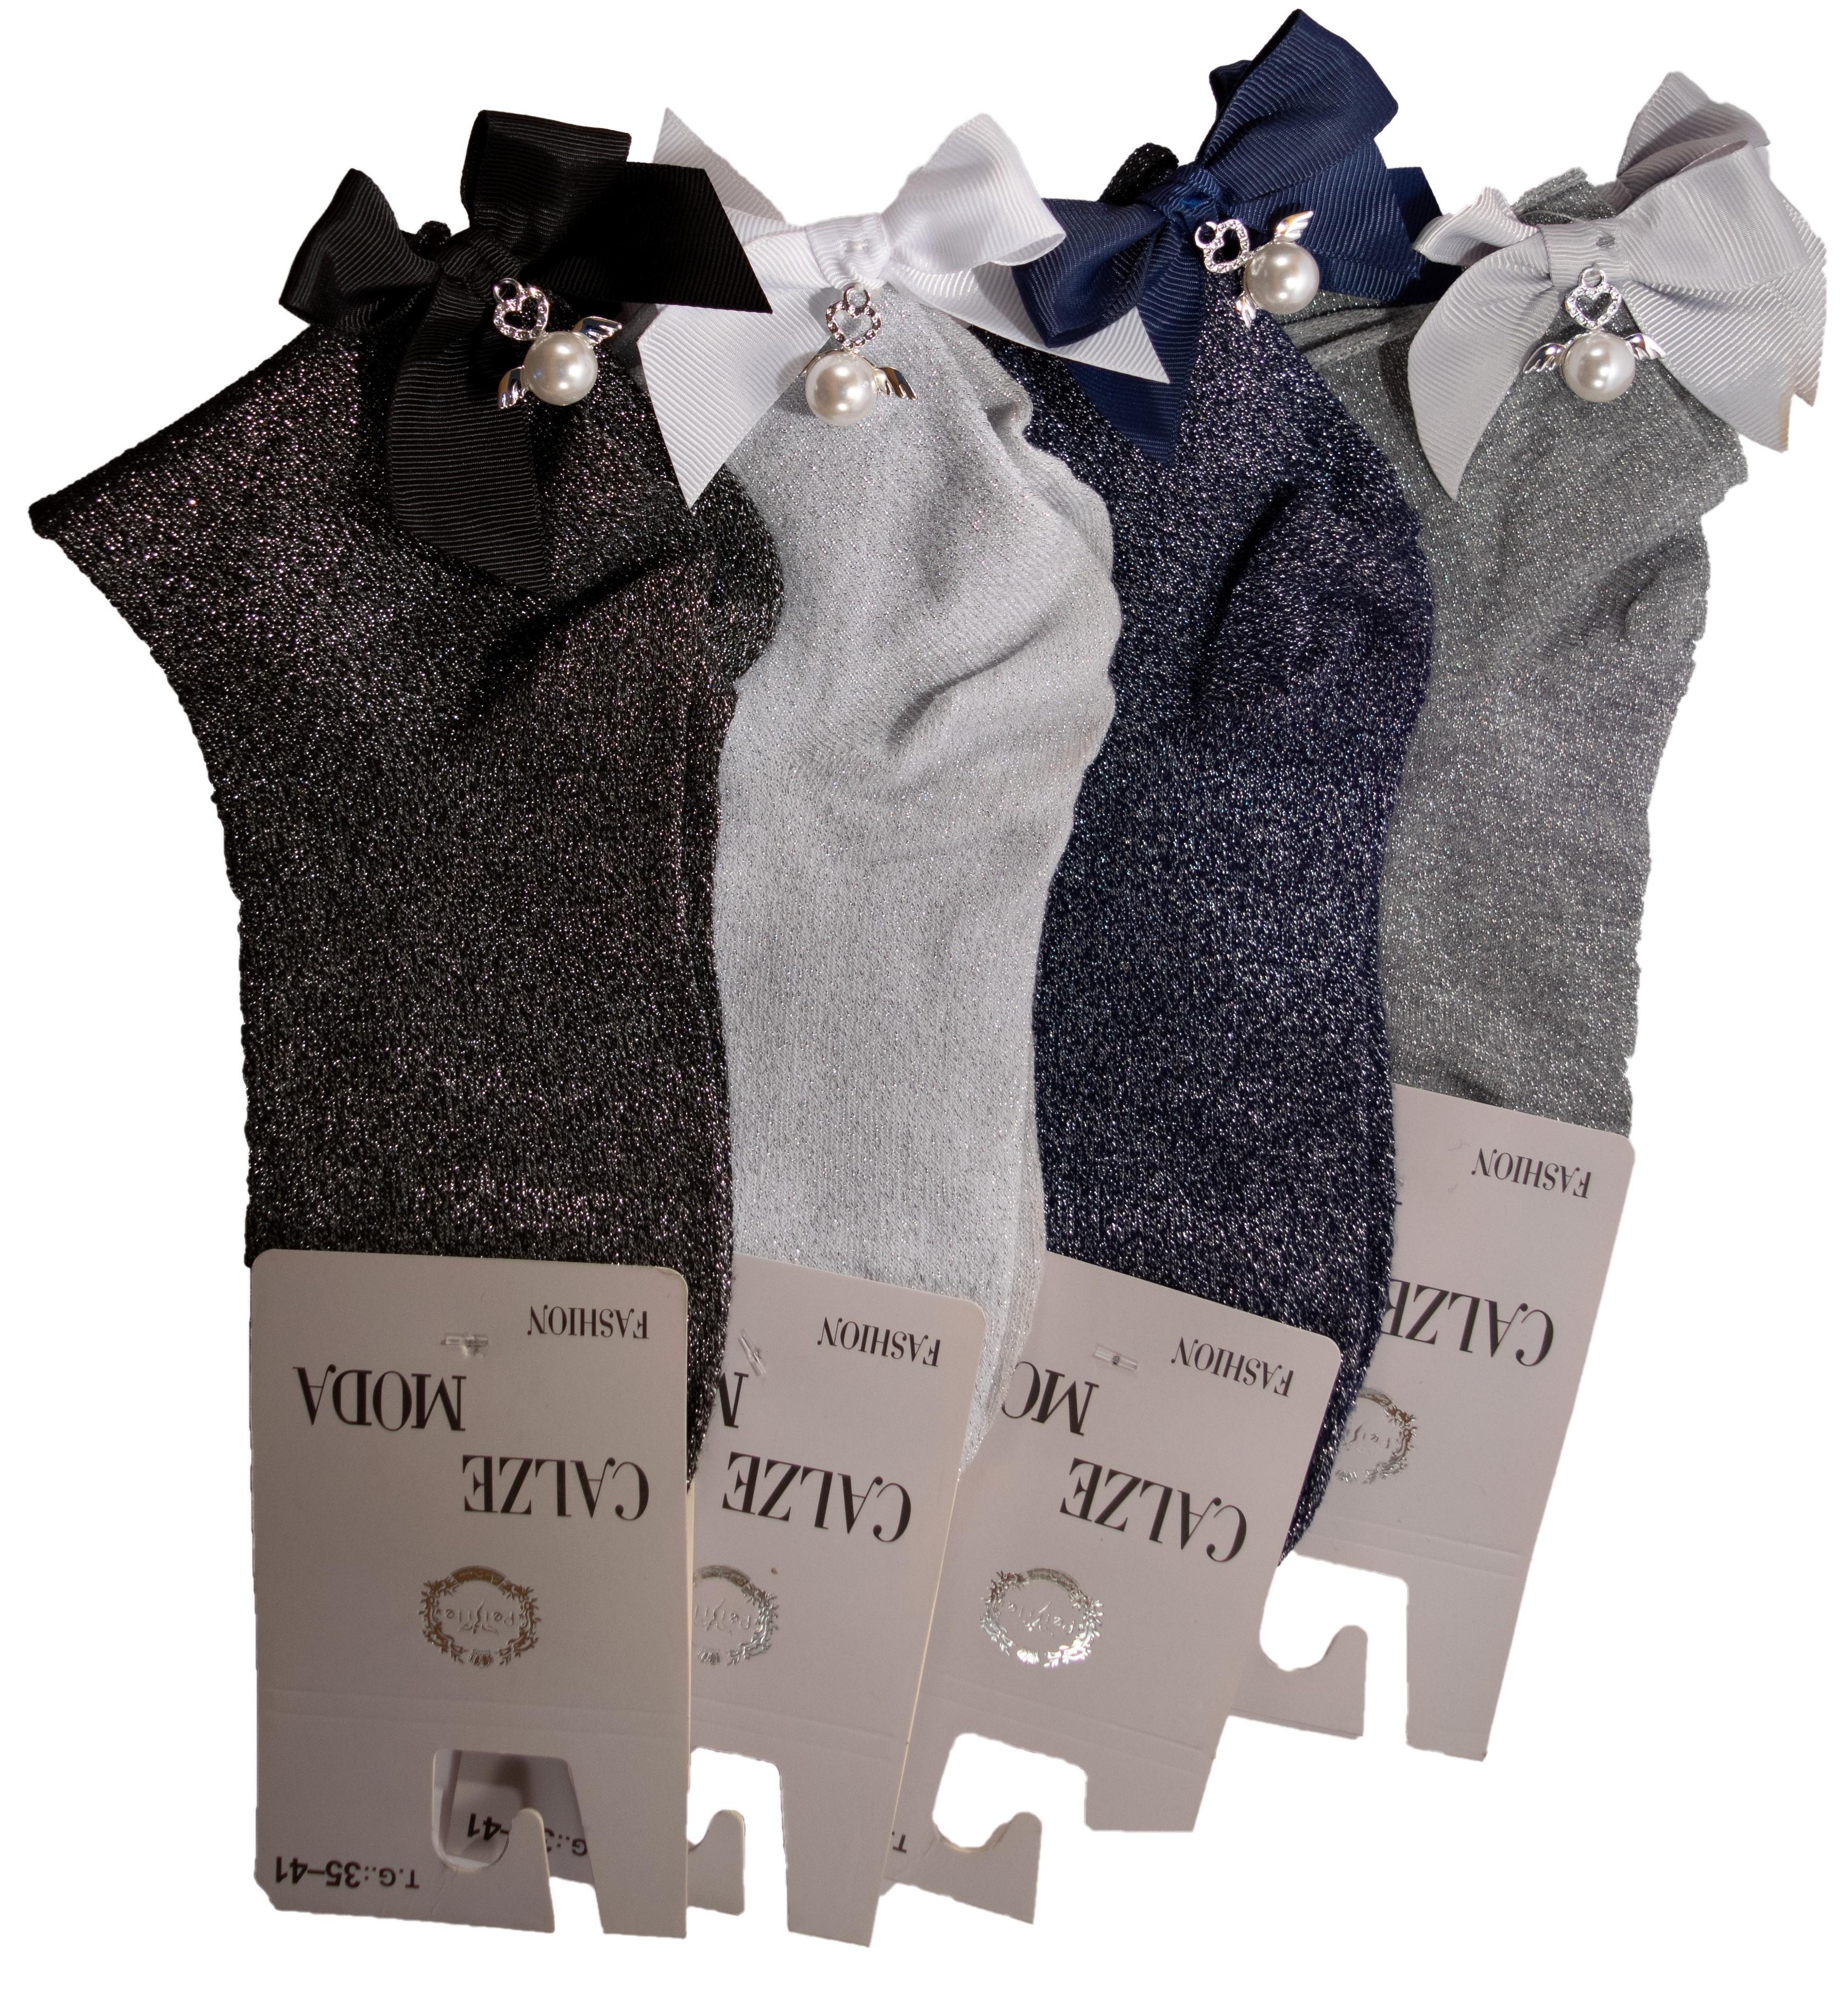 best service 5f673 3f6b2 Calzini lamel con fiocco e ali moda donna look calzino outfit accessorio